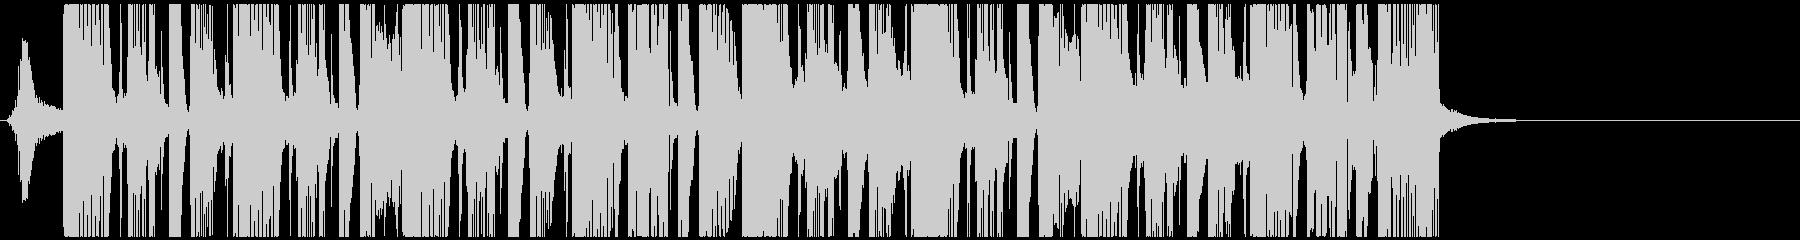 シャッフルのファンクロックBの未再生の波形